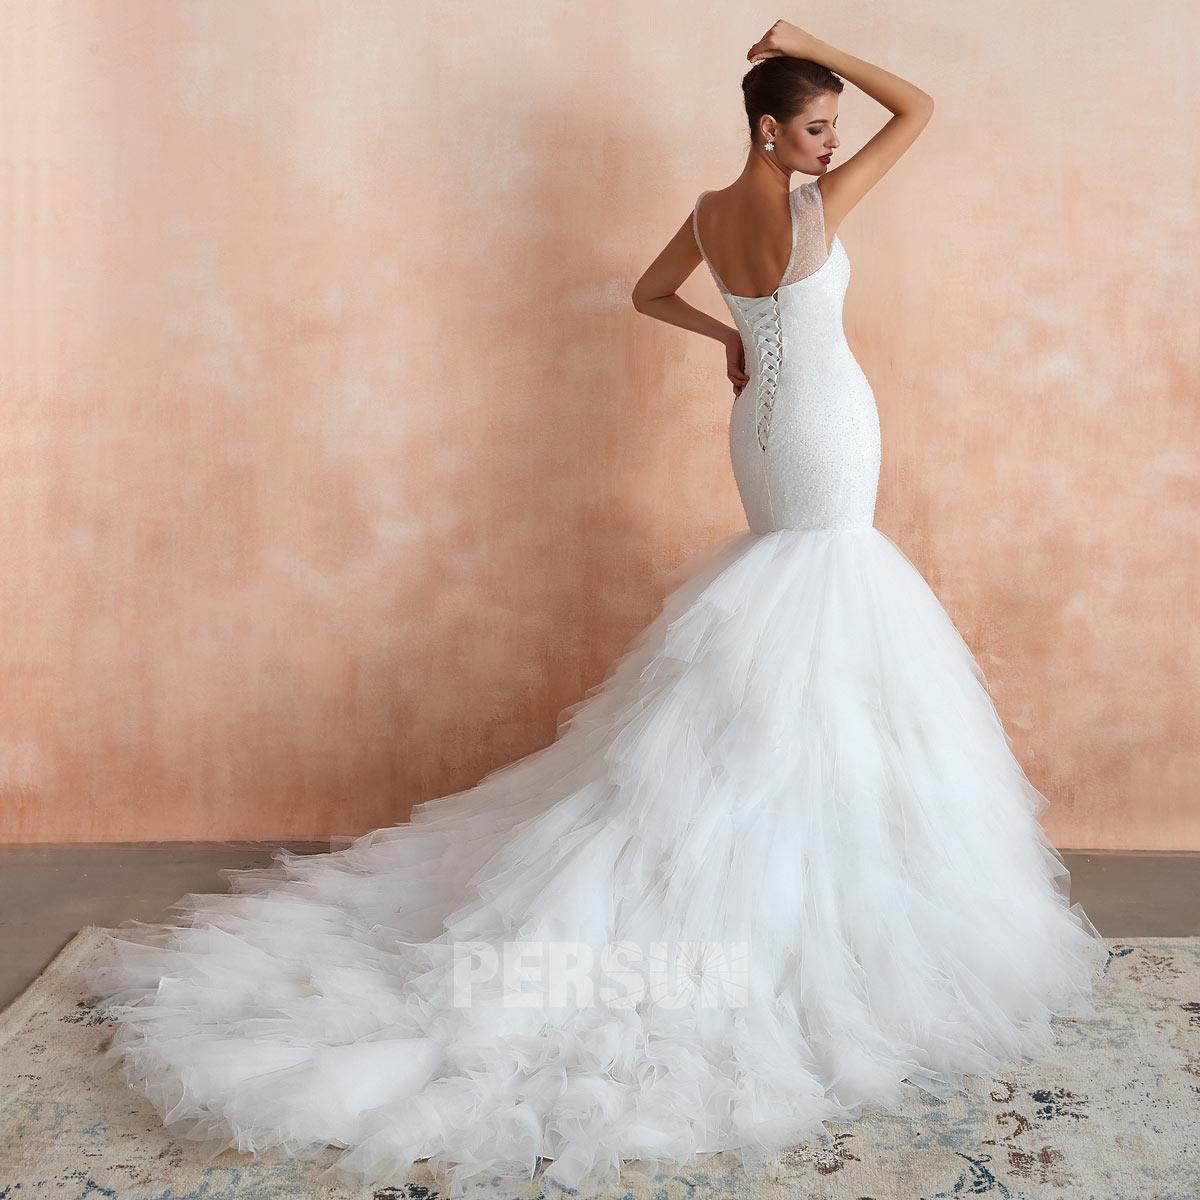 Robe de mariée Liona Persun 2020